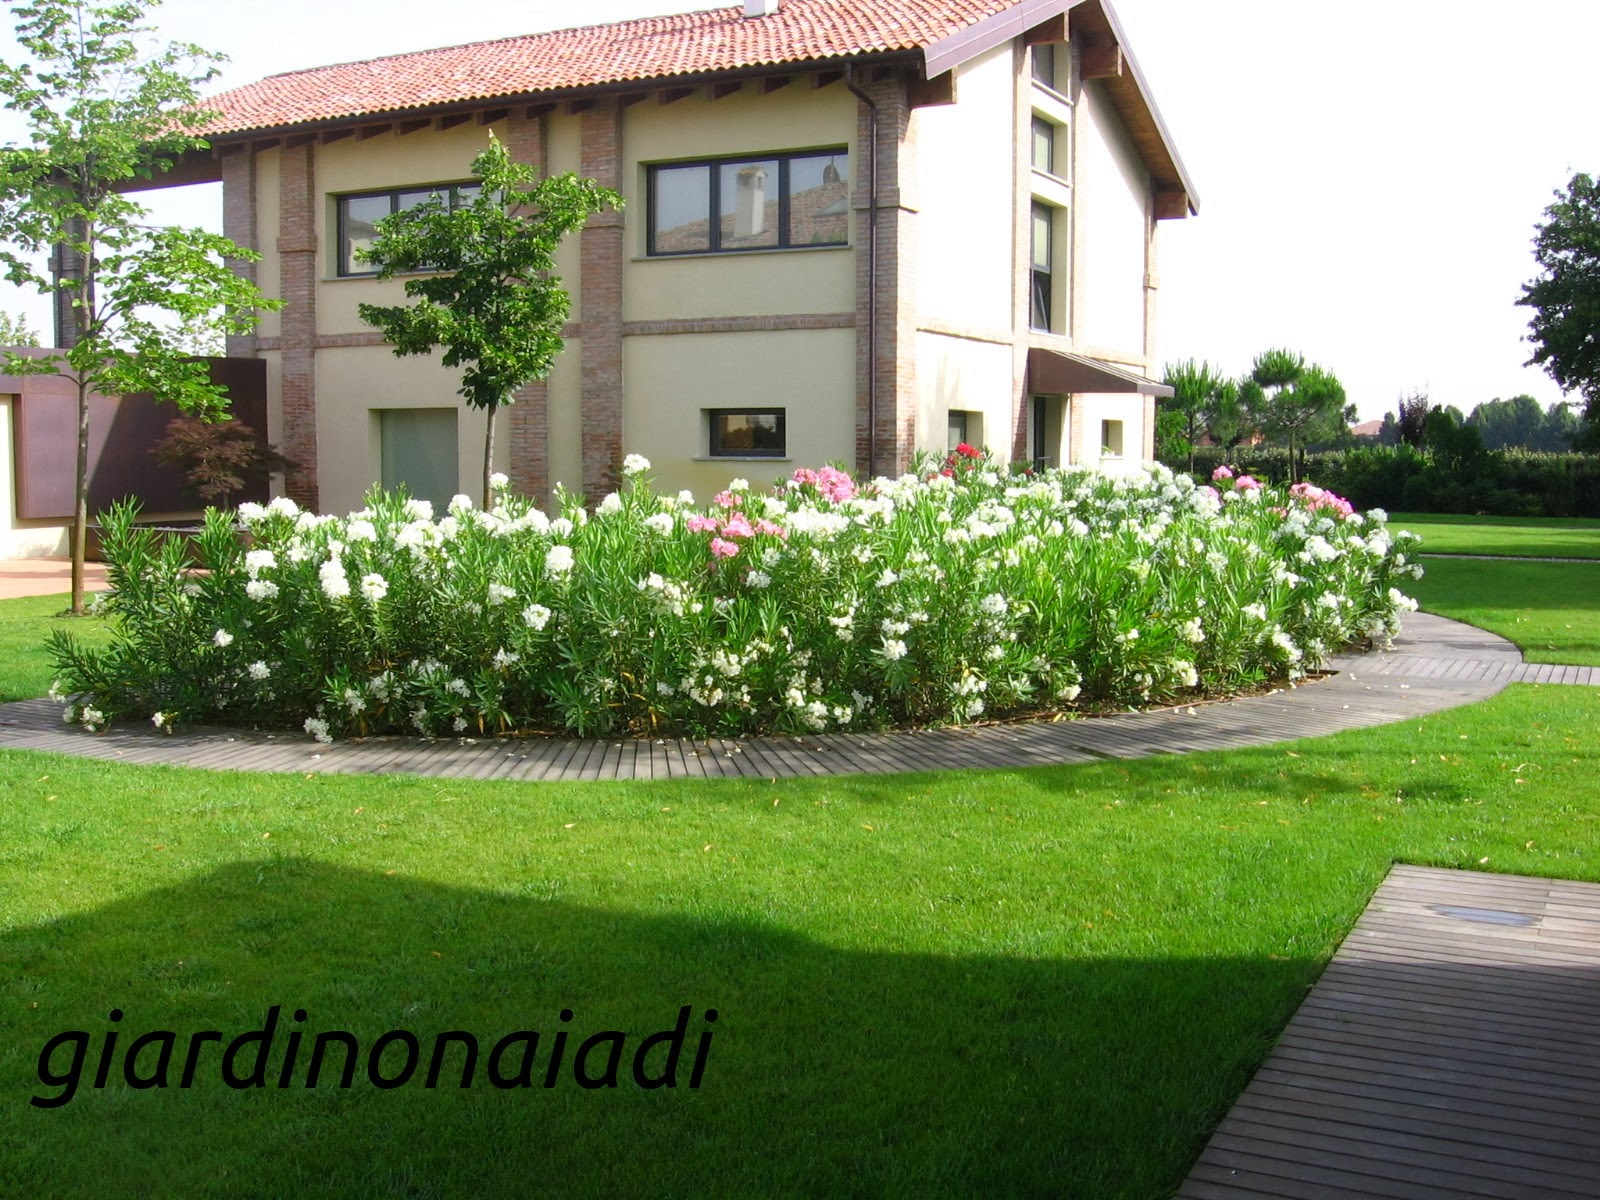 Il giardino delle naiadi progettare bordure e aiuole for Giardino invernale